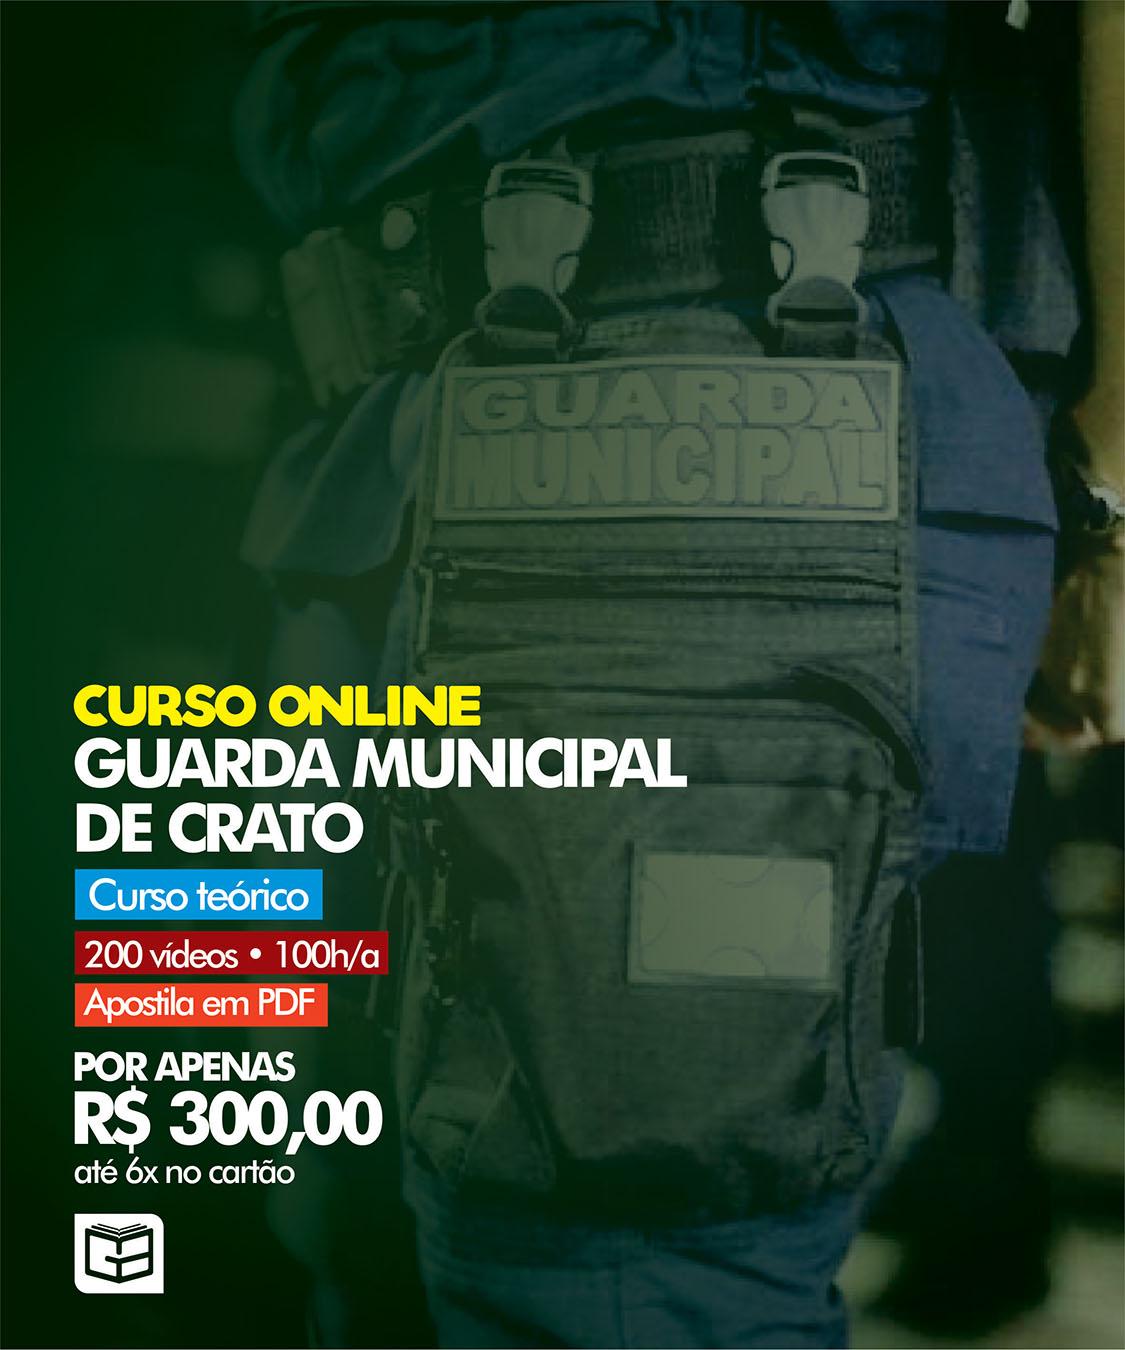 CURSO COMPLETO PARA A GUARDA MUNICIPAL DE CRATO